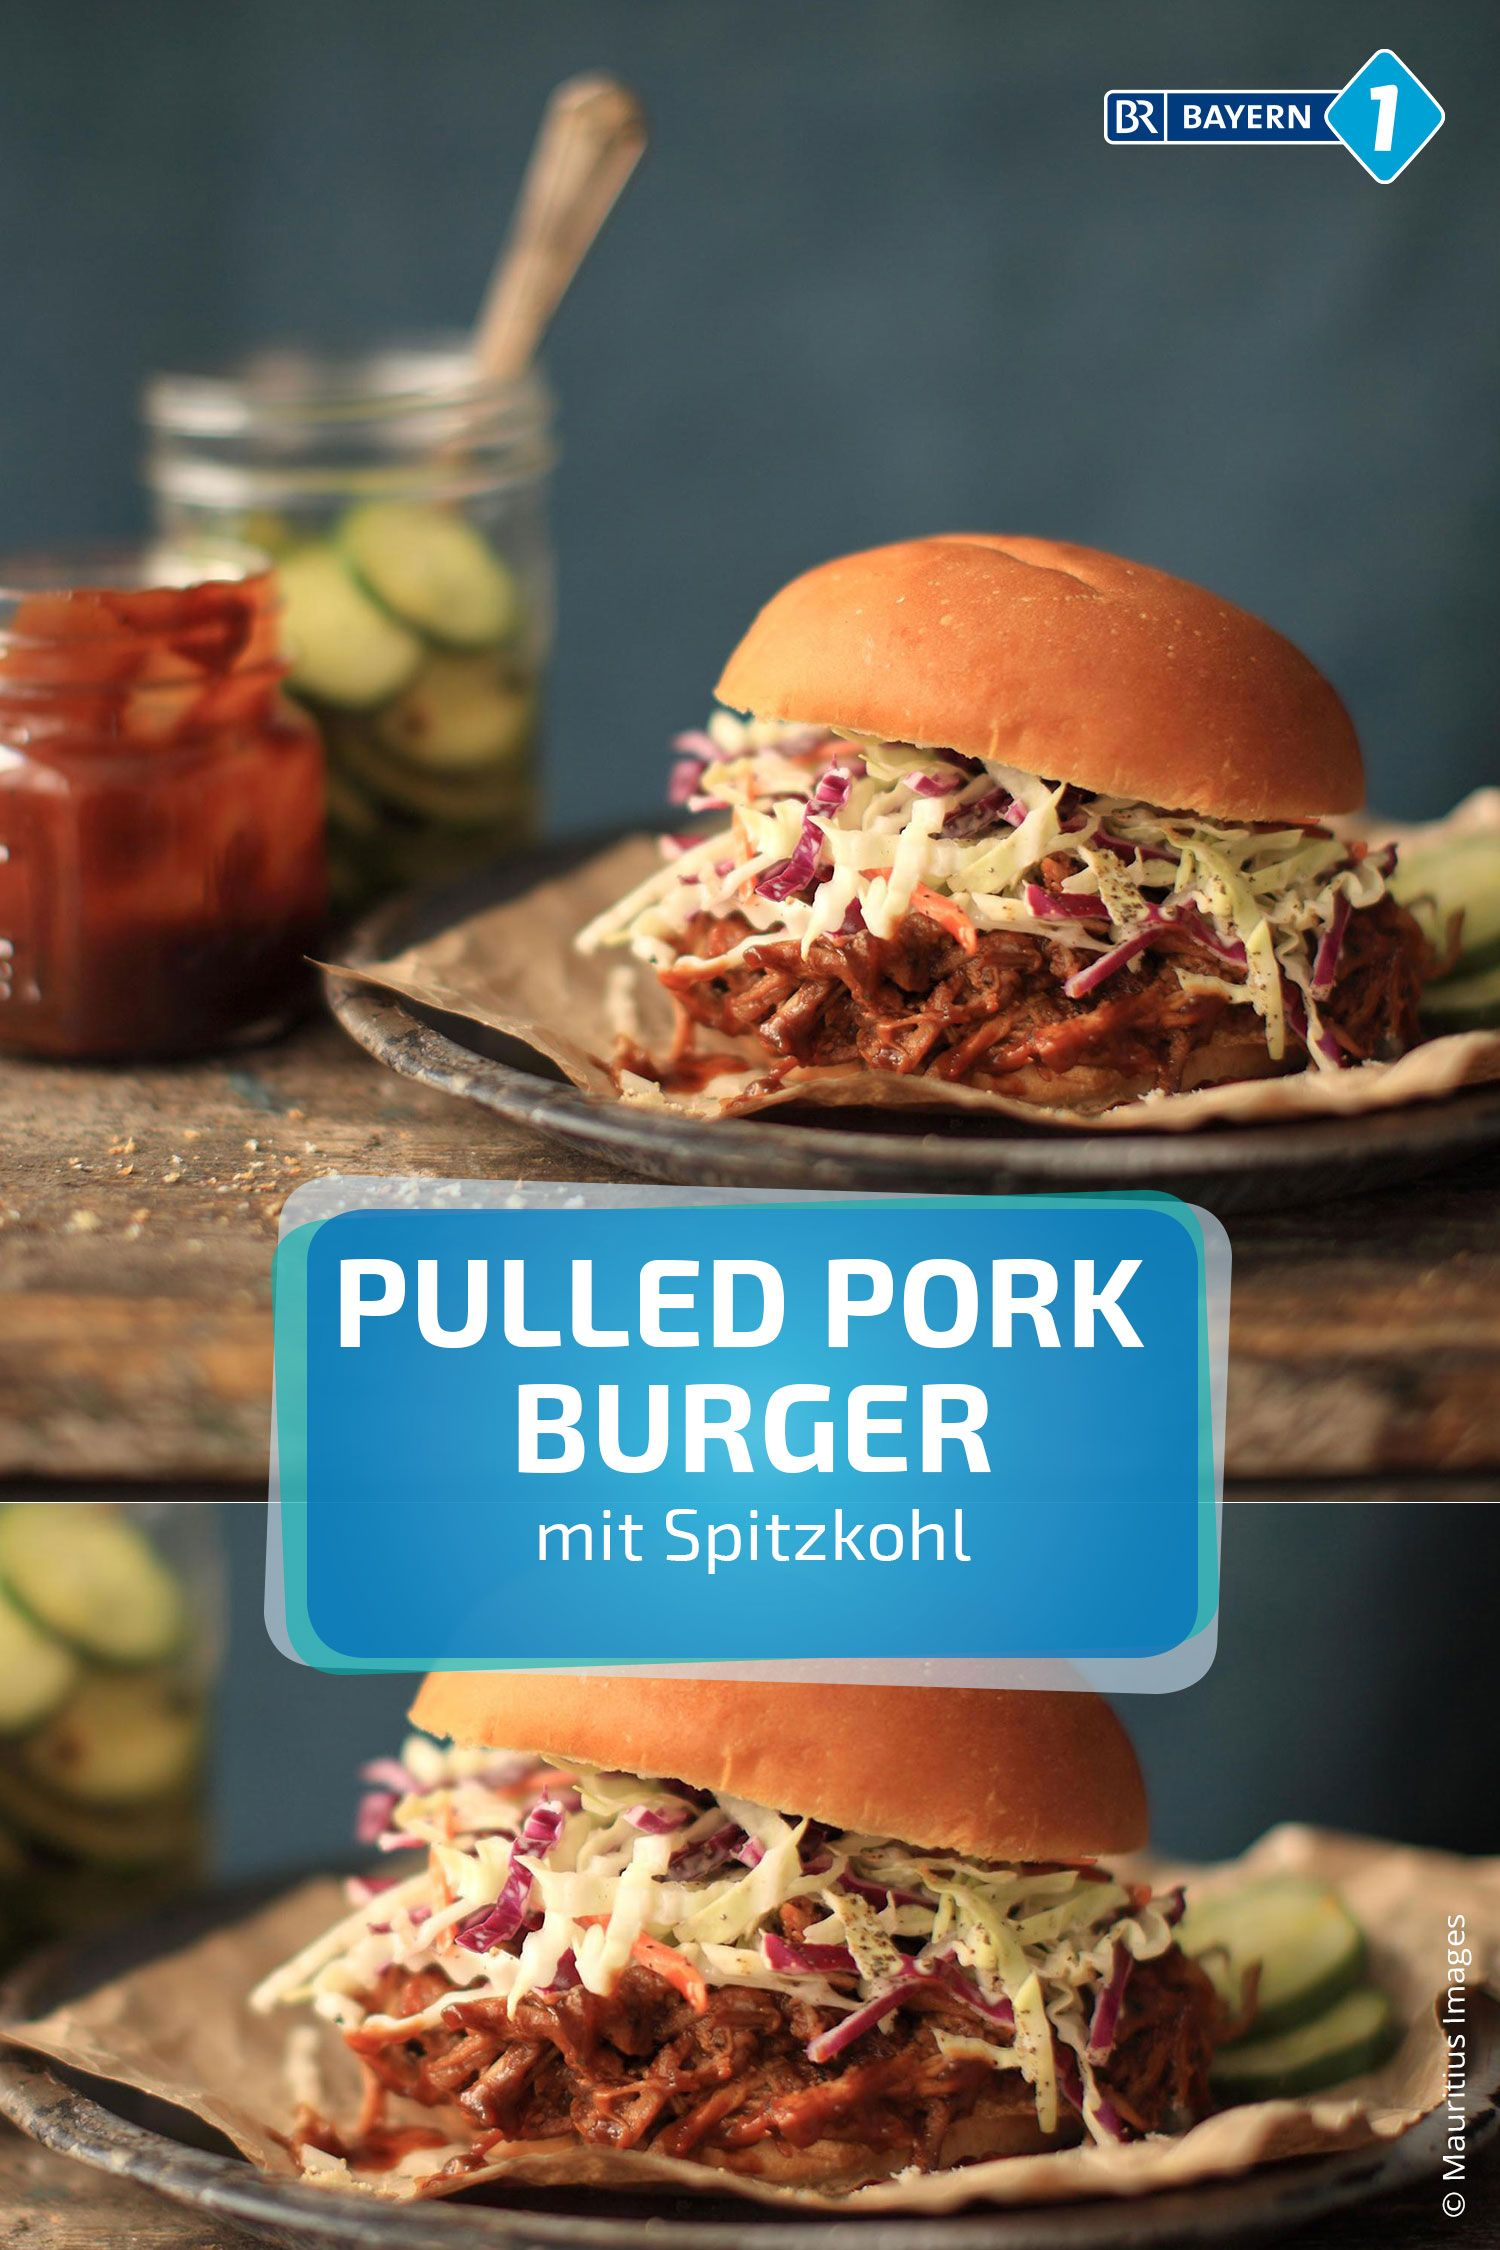 Weihnachtsmenü Alexander Herrmann.Pulled Pork Rezept Für Schweinebraten Burger Bunte Rezepte Im